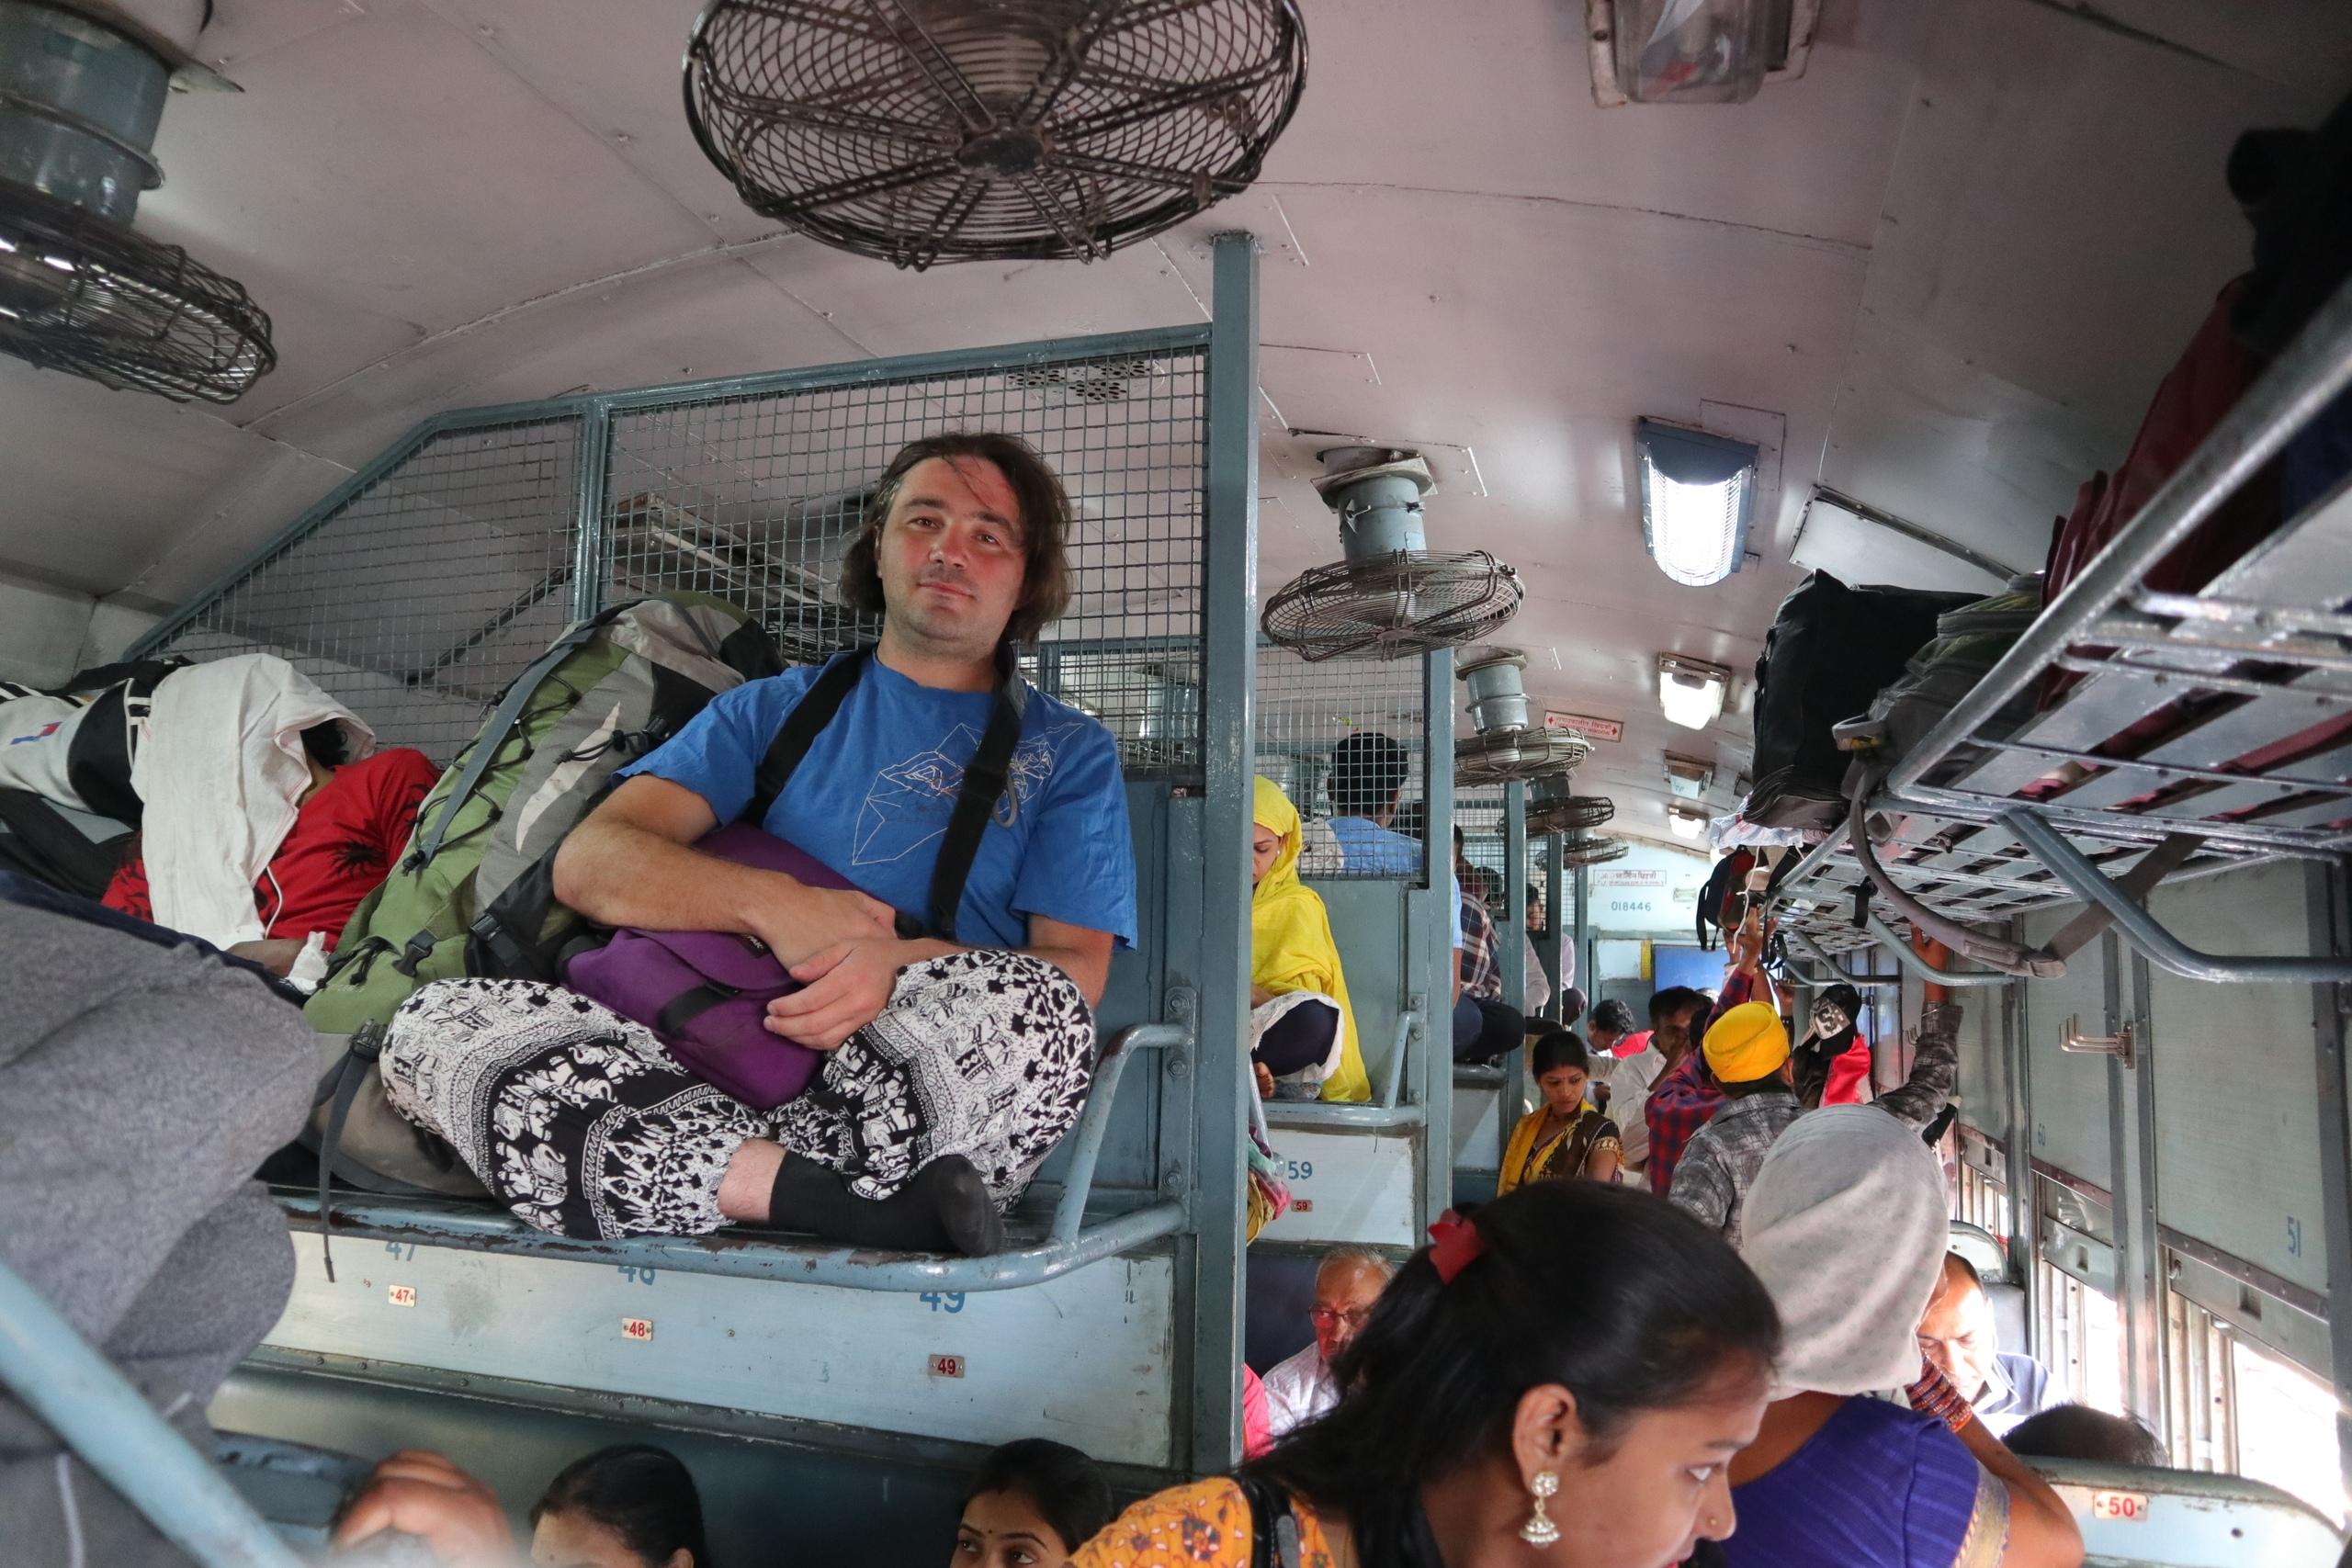 Едем на поезде по Индии. Какие бывают типы вагонов